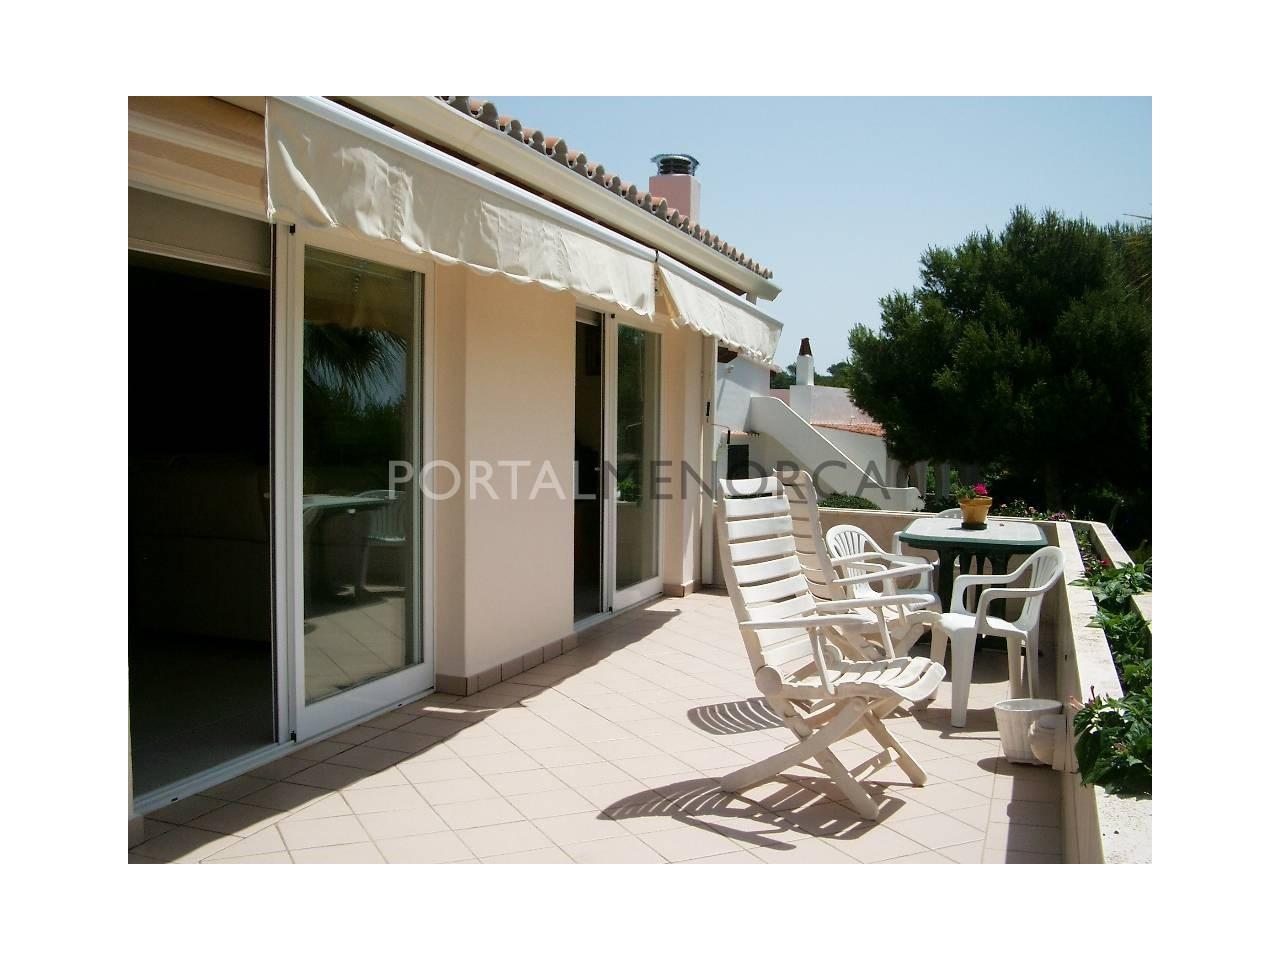 Chalet cerca de la playa en venta en Menorca